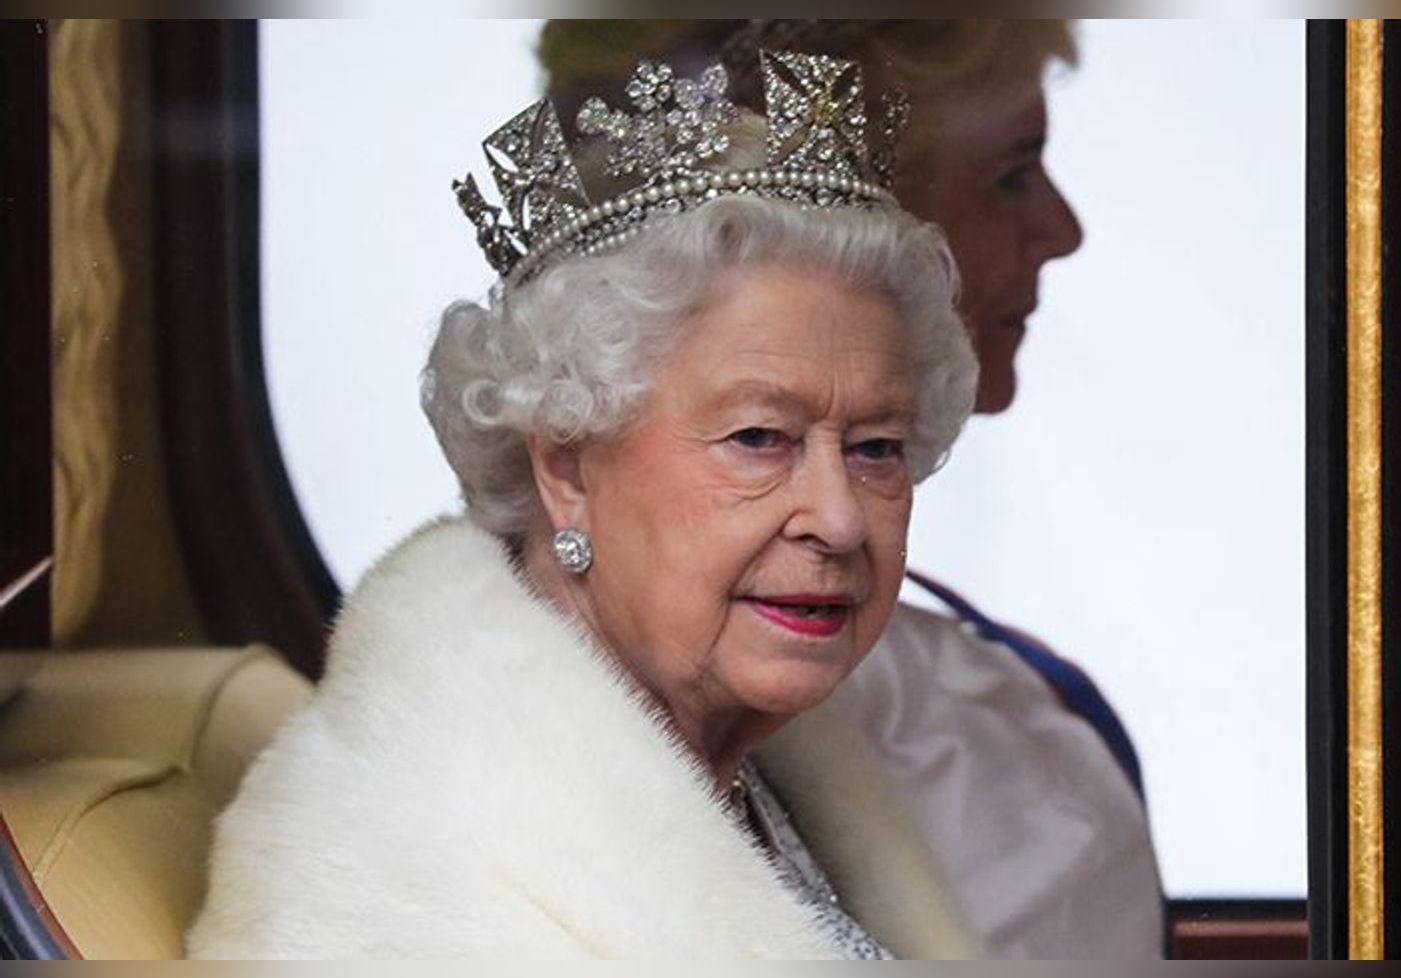 Insolite : à 95 ans la reine Elizabeth II utilise une épée pour couper un gâteau… Plus pratique qu'un couteau ?